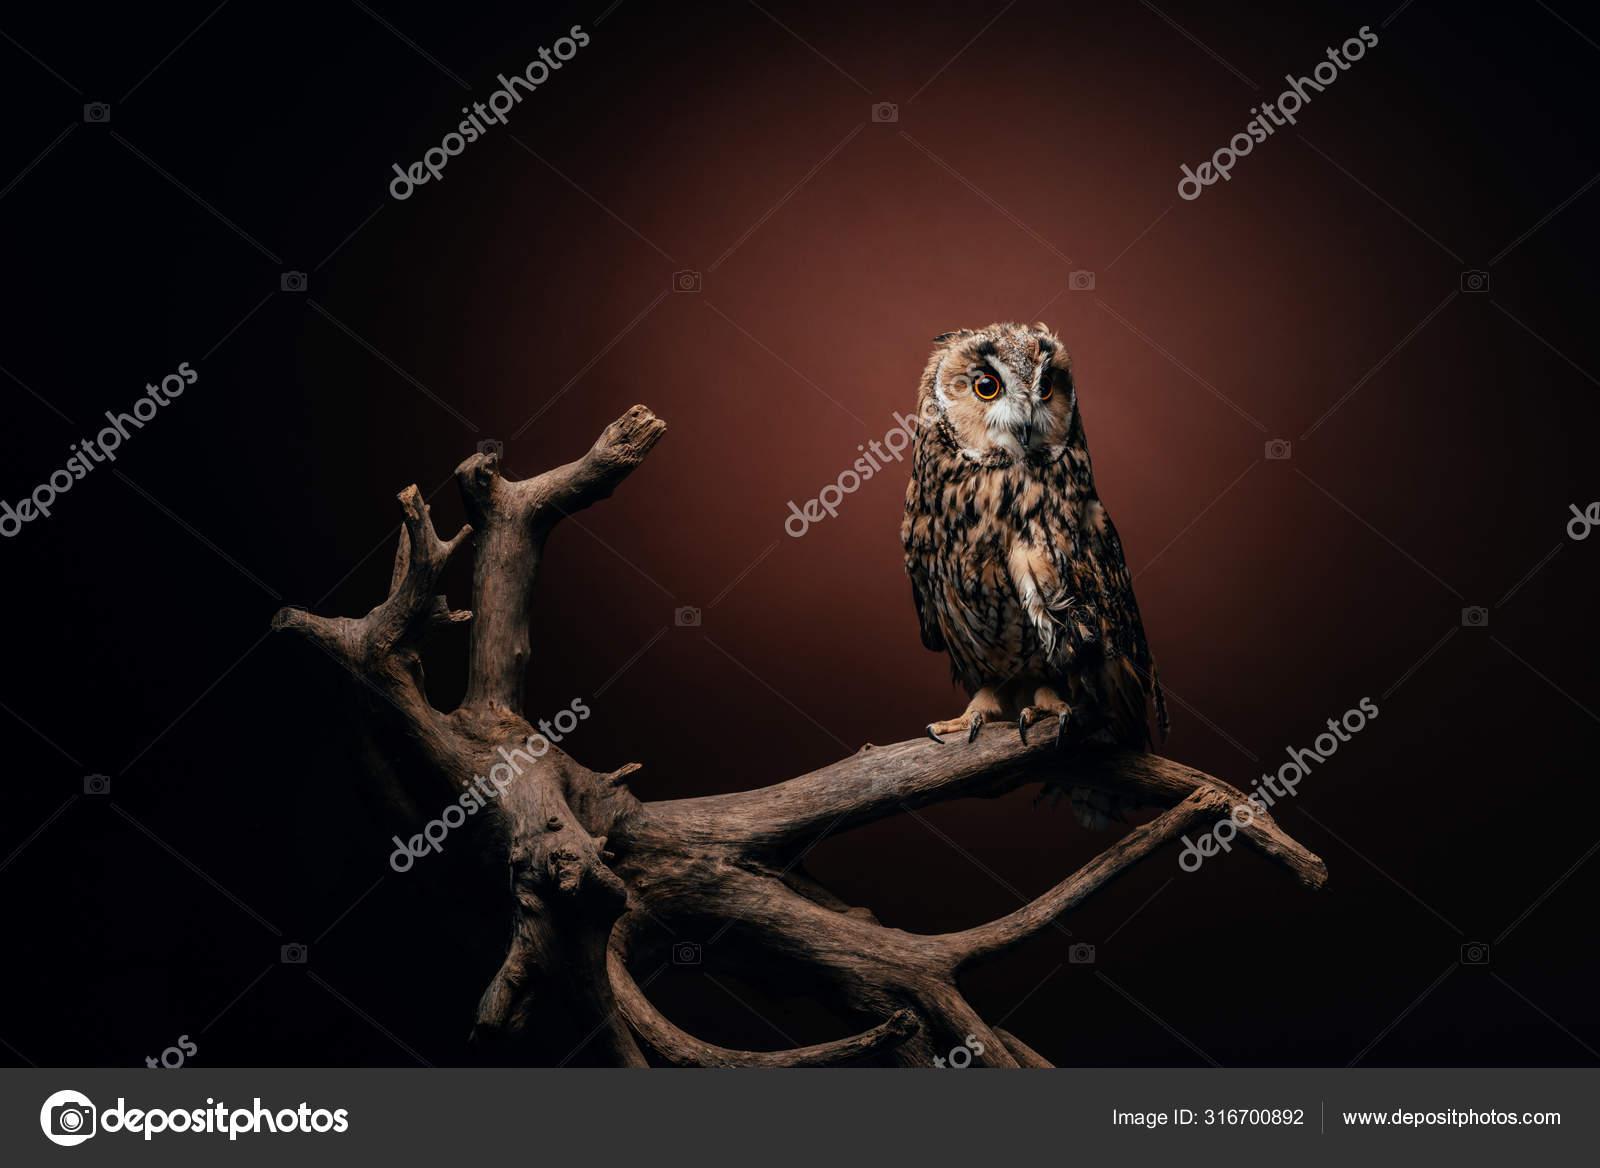 Симпатичная Дикая Сова Сидящая Деревянной Ветке Темном ...